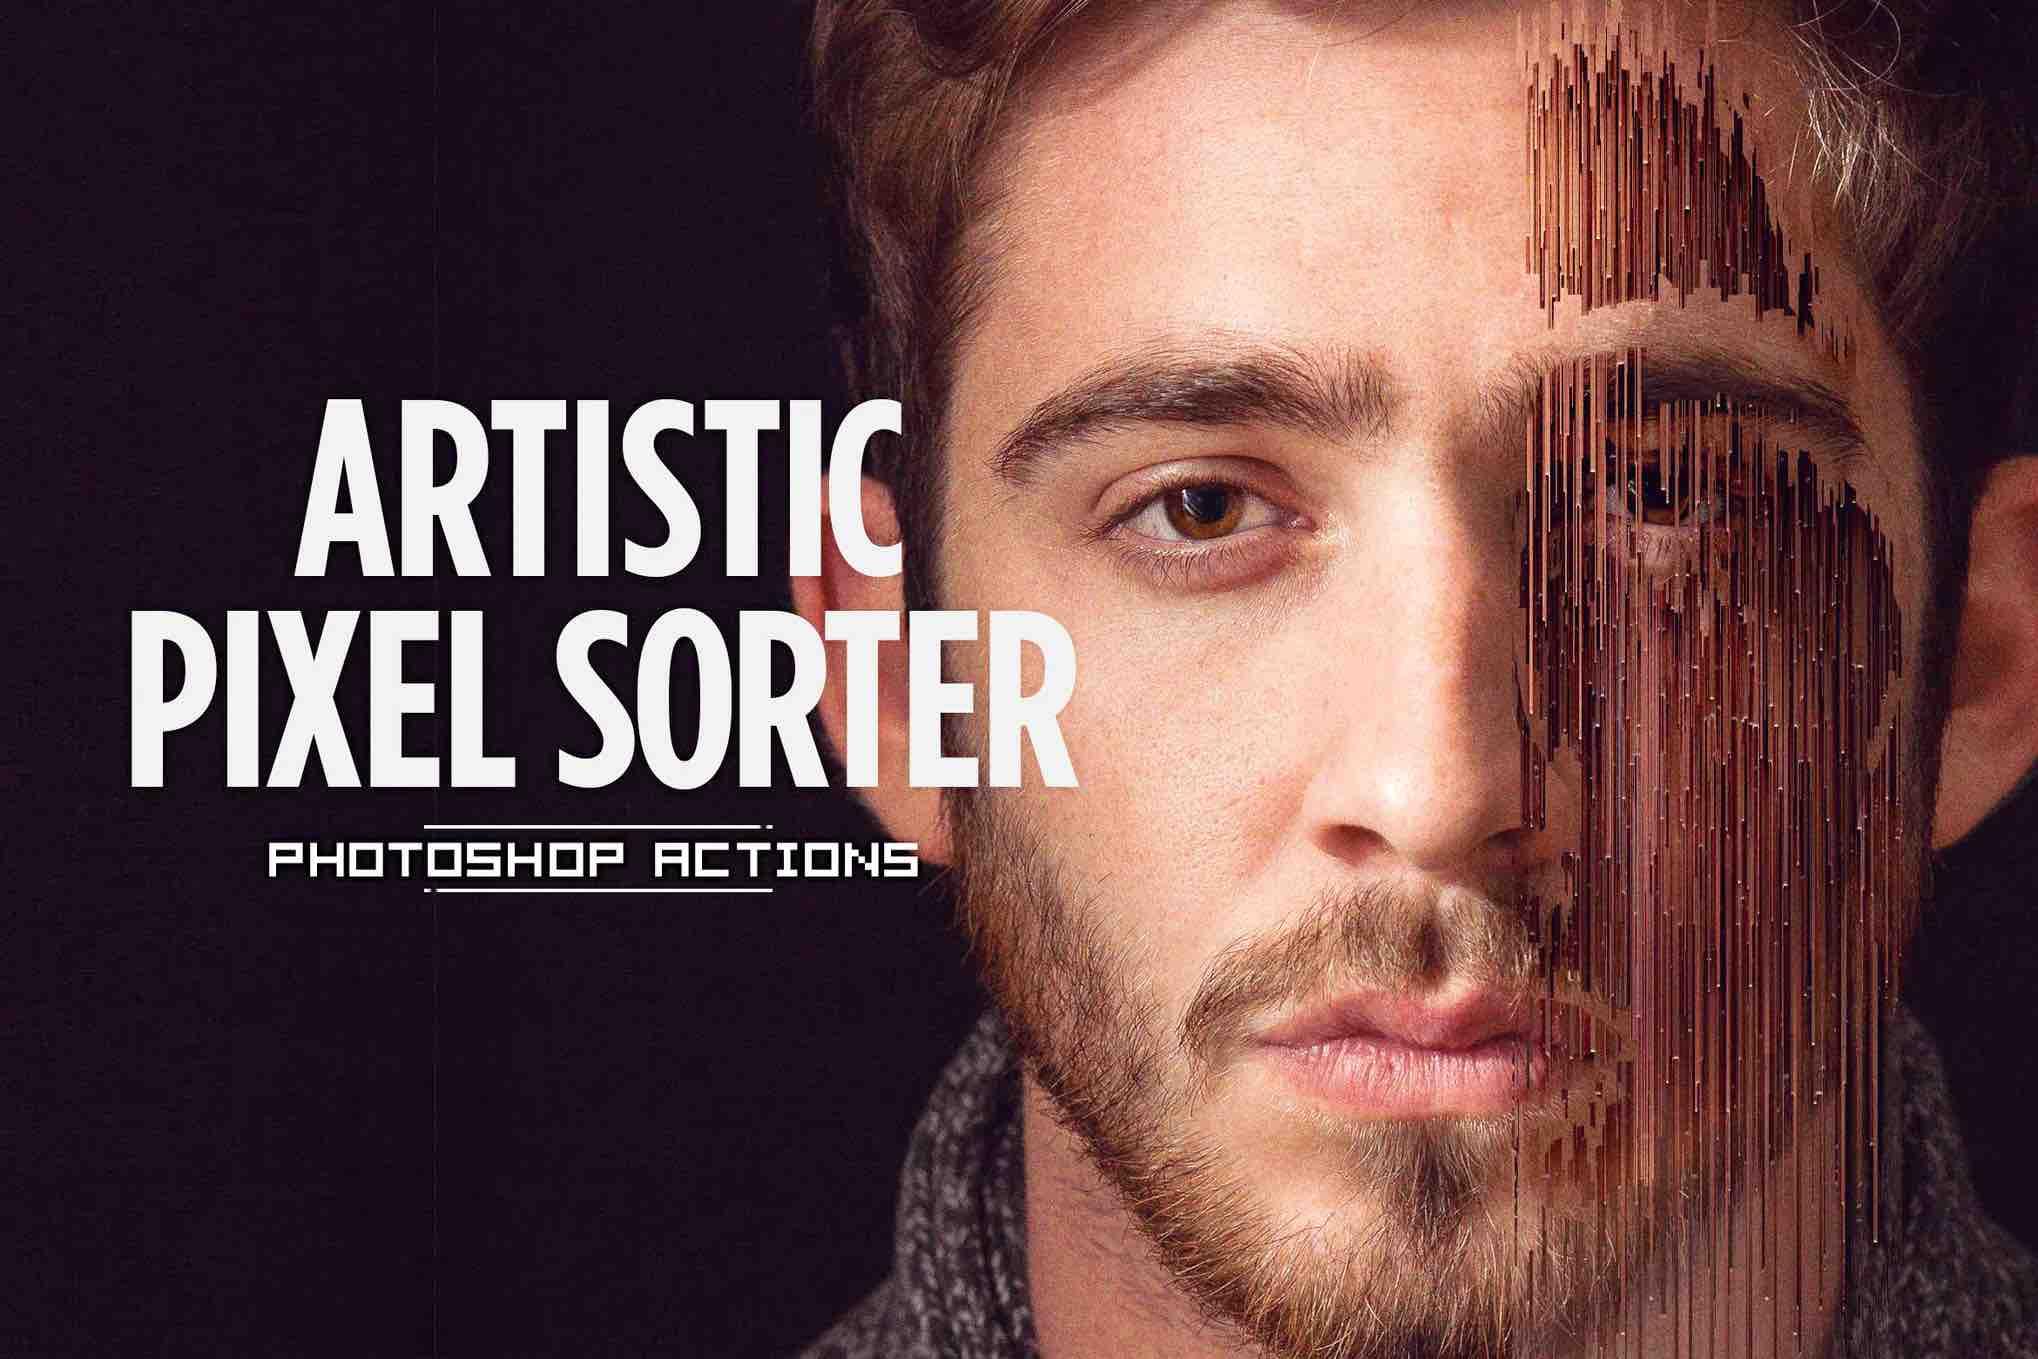 艺术像素排序器-Photoshop动作插图